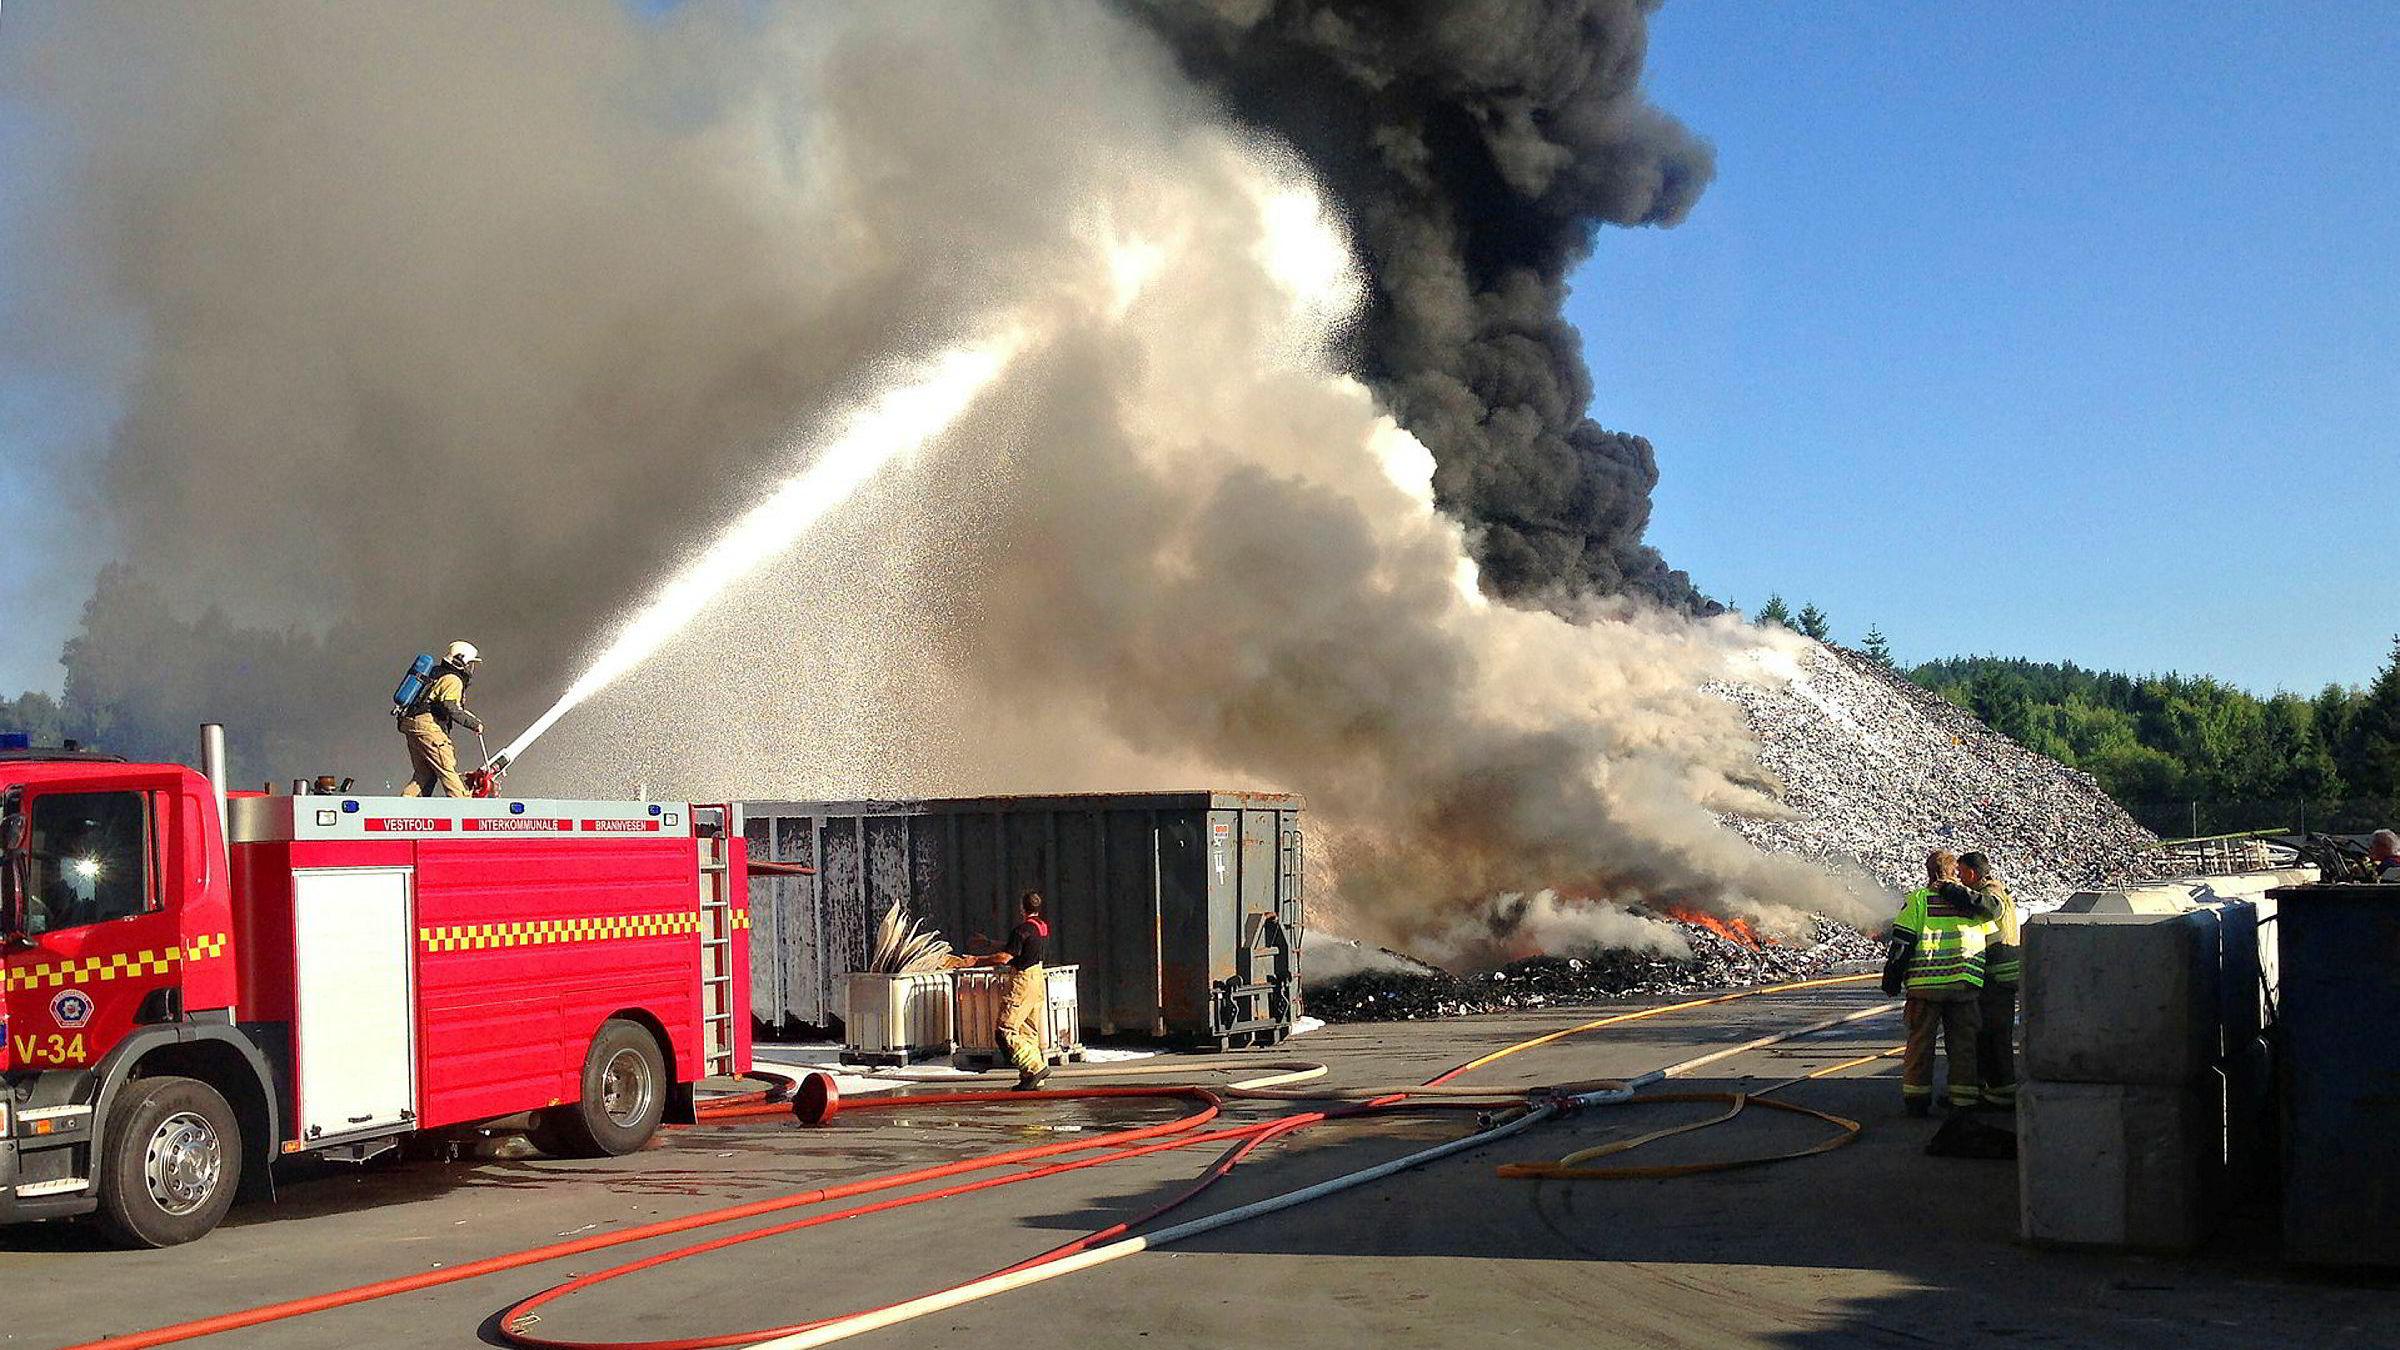 140 tonn elektroavfall brant opp ved avfallsbedriften Revac i Vestfold i 2014. Nå er tre personer dømt til ubetinget fengsel.